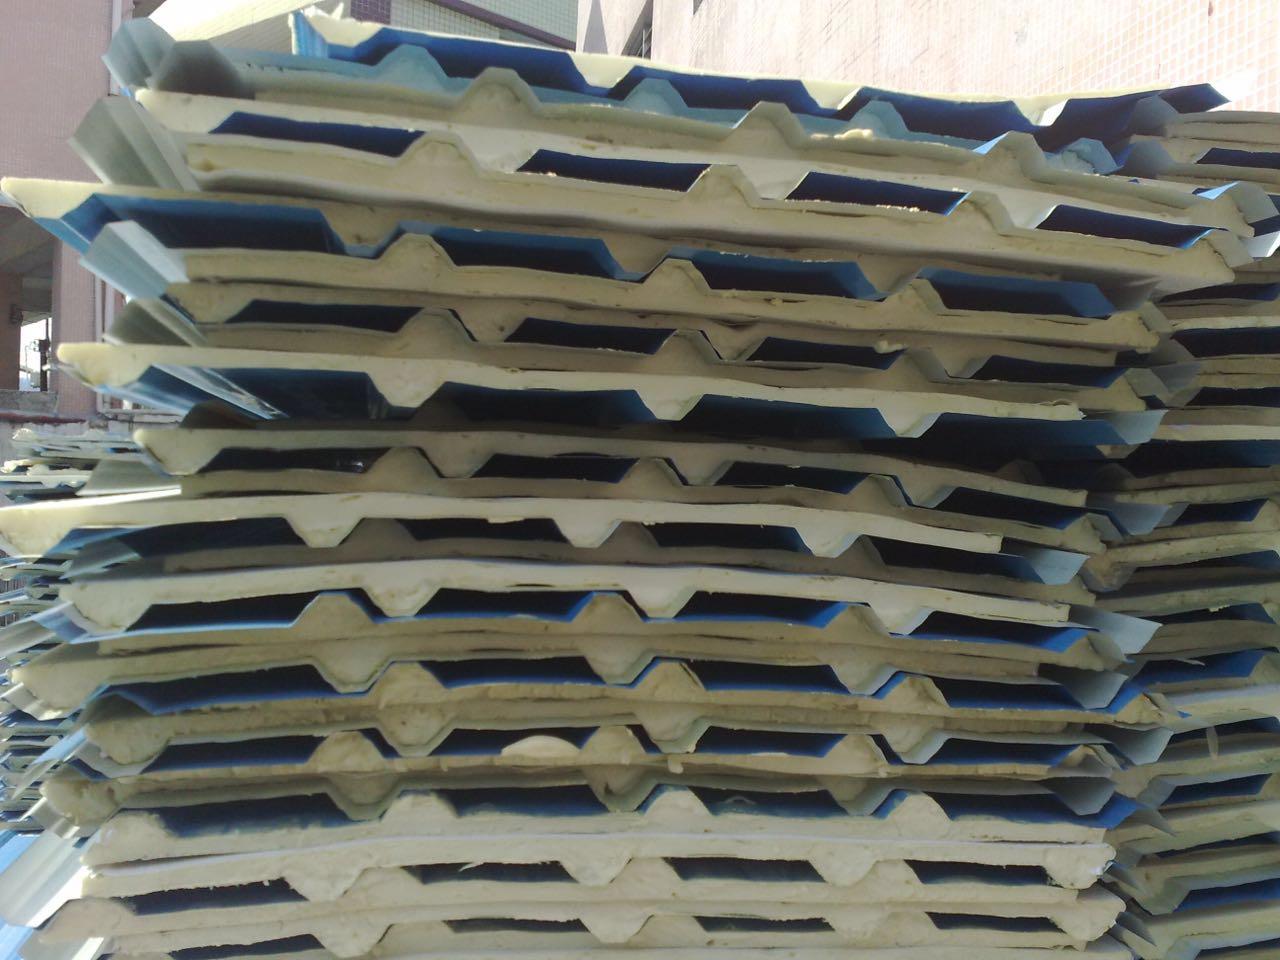 东莞活动板房,东莞活动板房大概做工效果如何体现呢